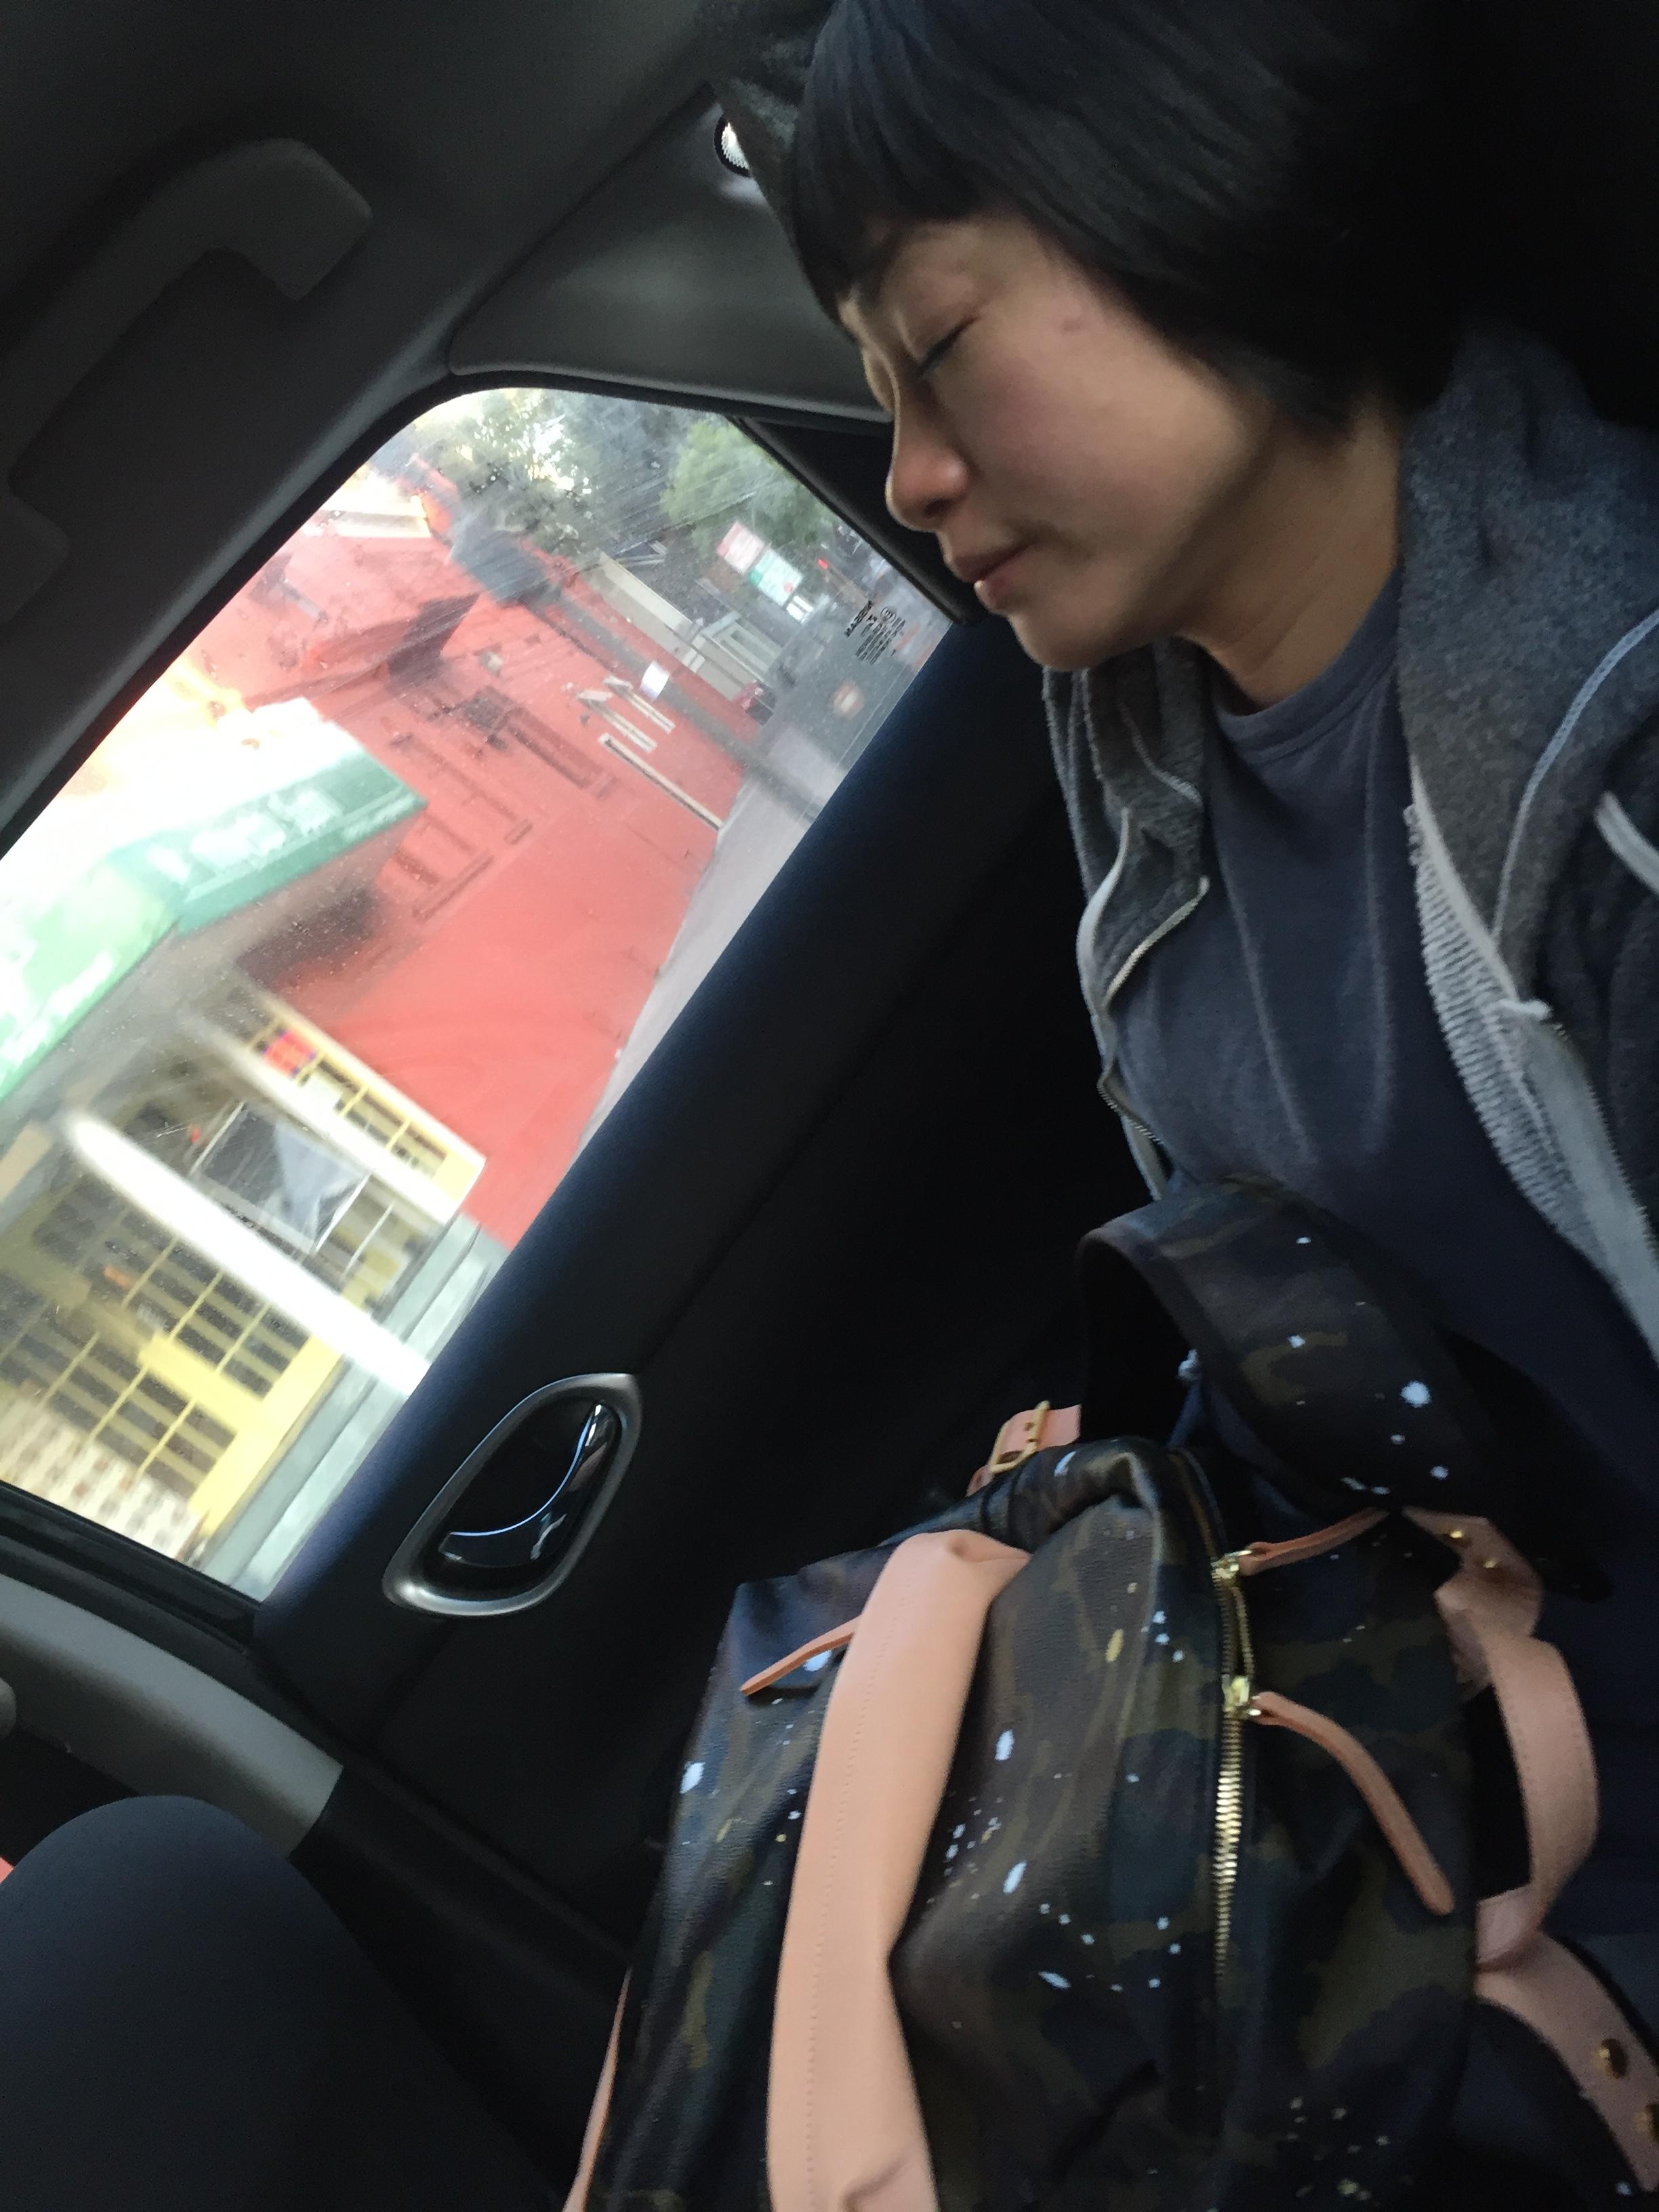 アメリカではUBERがないとやばいね。東京にいるとタクシーはすぐつかまるけど。